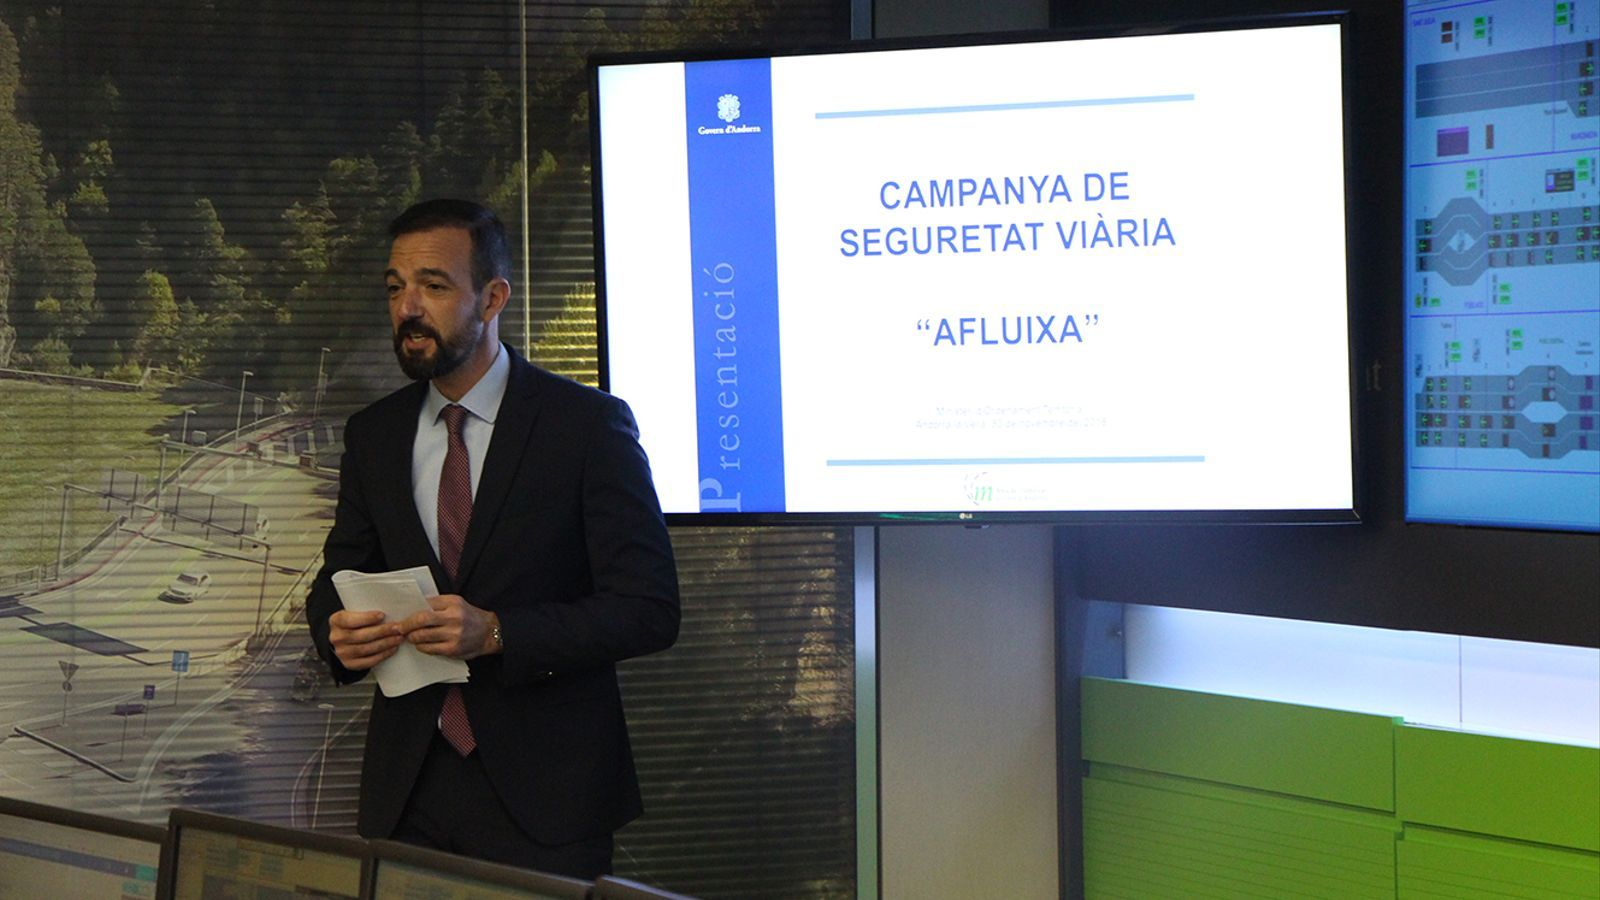 El ministre d'Ordenament Territorial, Jordi Torres, durant la presentació de la campanya. / B.N. (ANA)